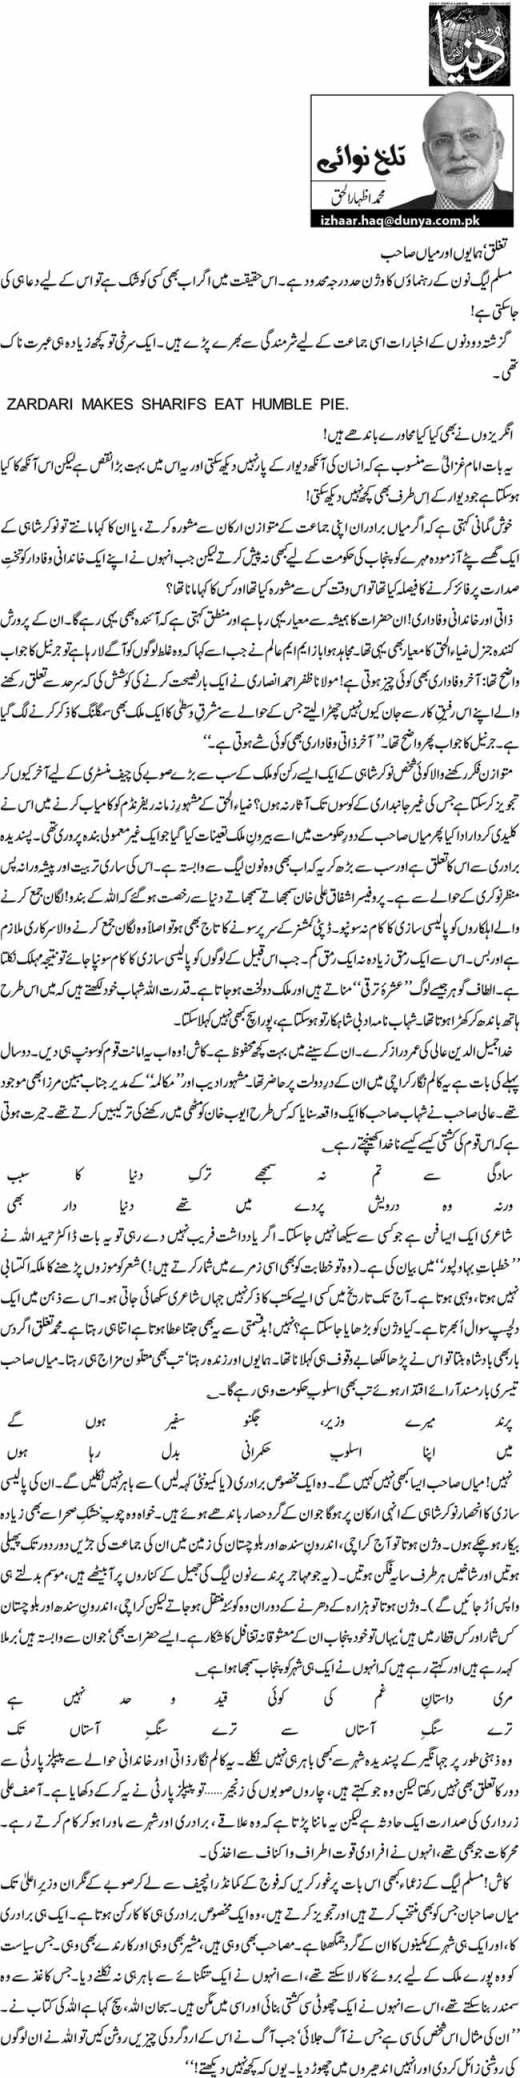 Tughlaq,Humayun Aur Mian Sahab - M. Izhar ul Haq